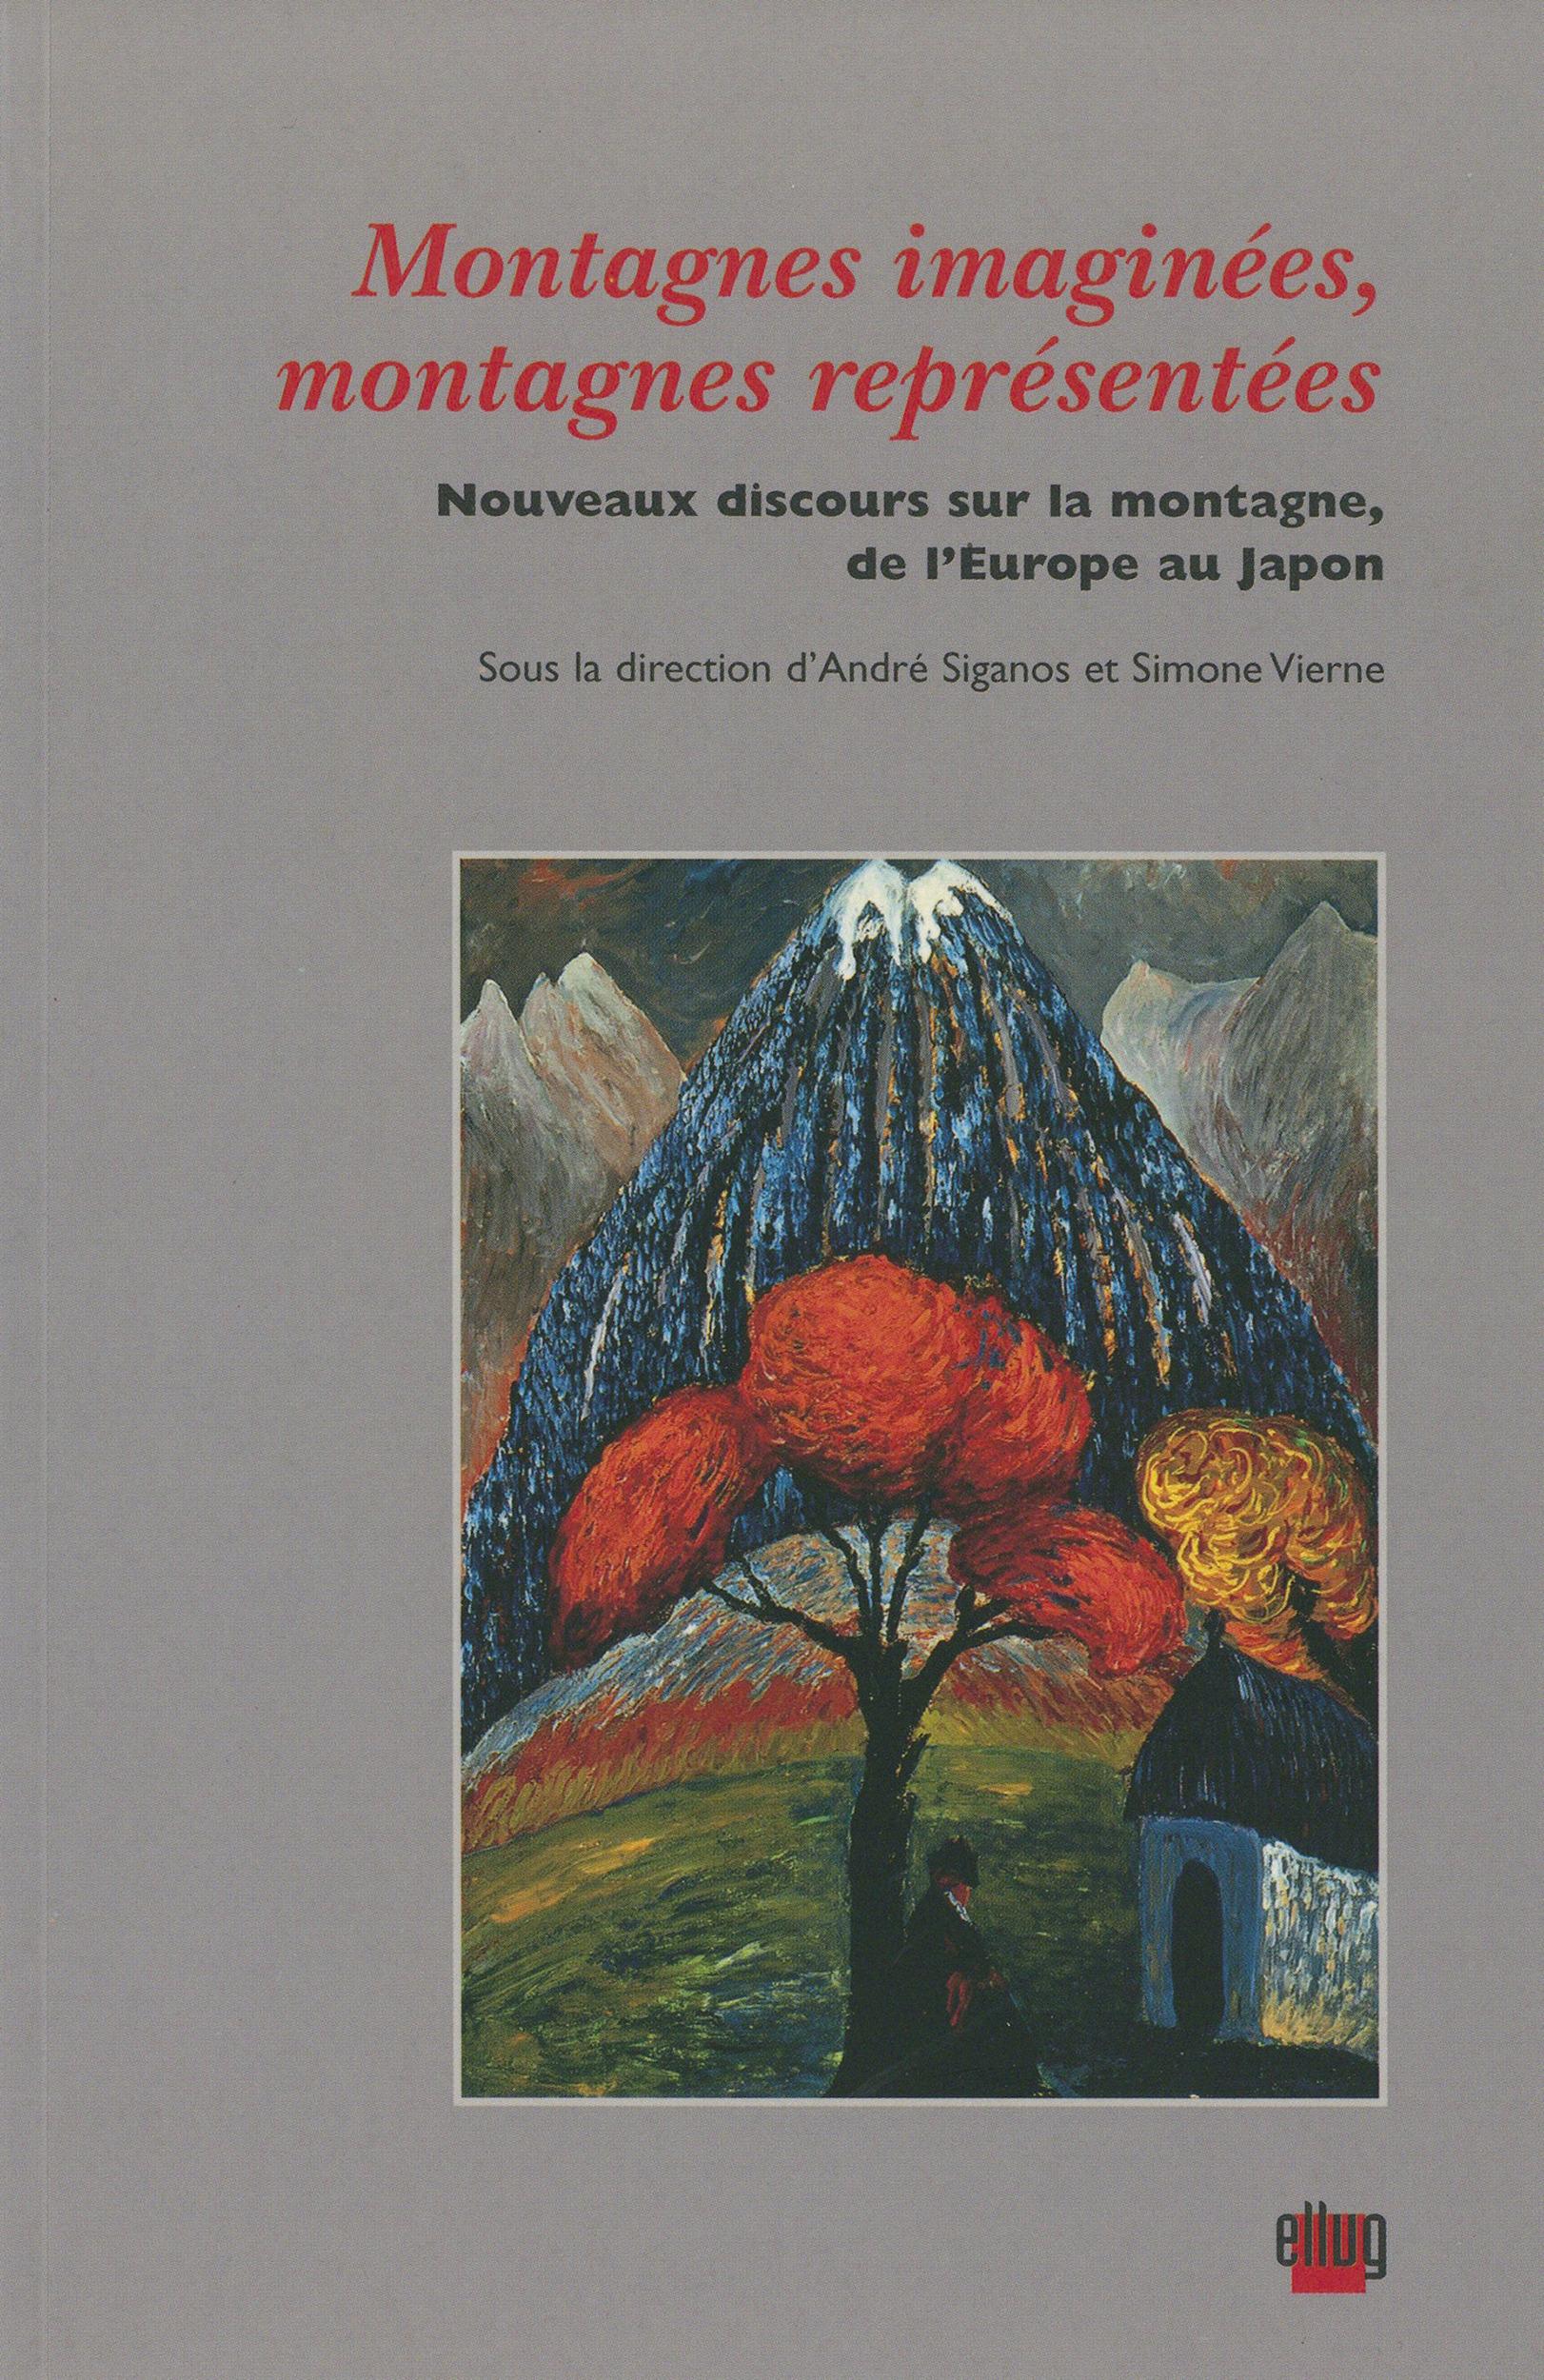 Montagnes imaginées, montagnes représentées  - Vierne/Siganos  - André Siganos  - Simone Vierne